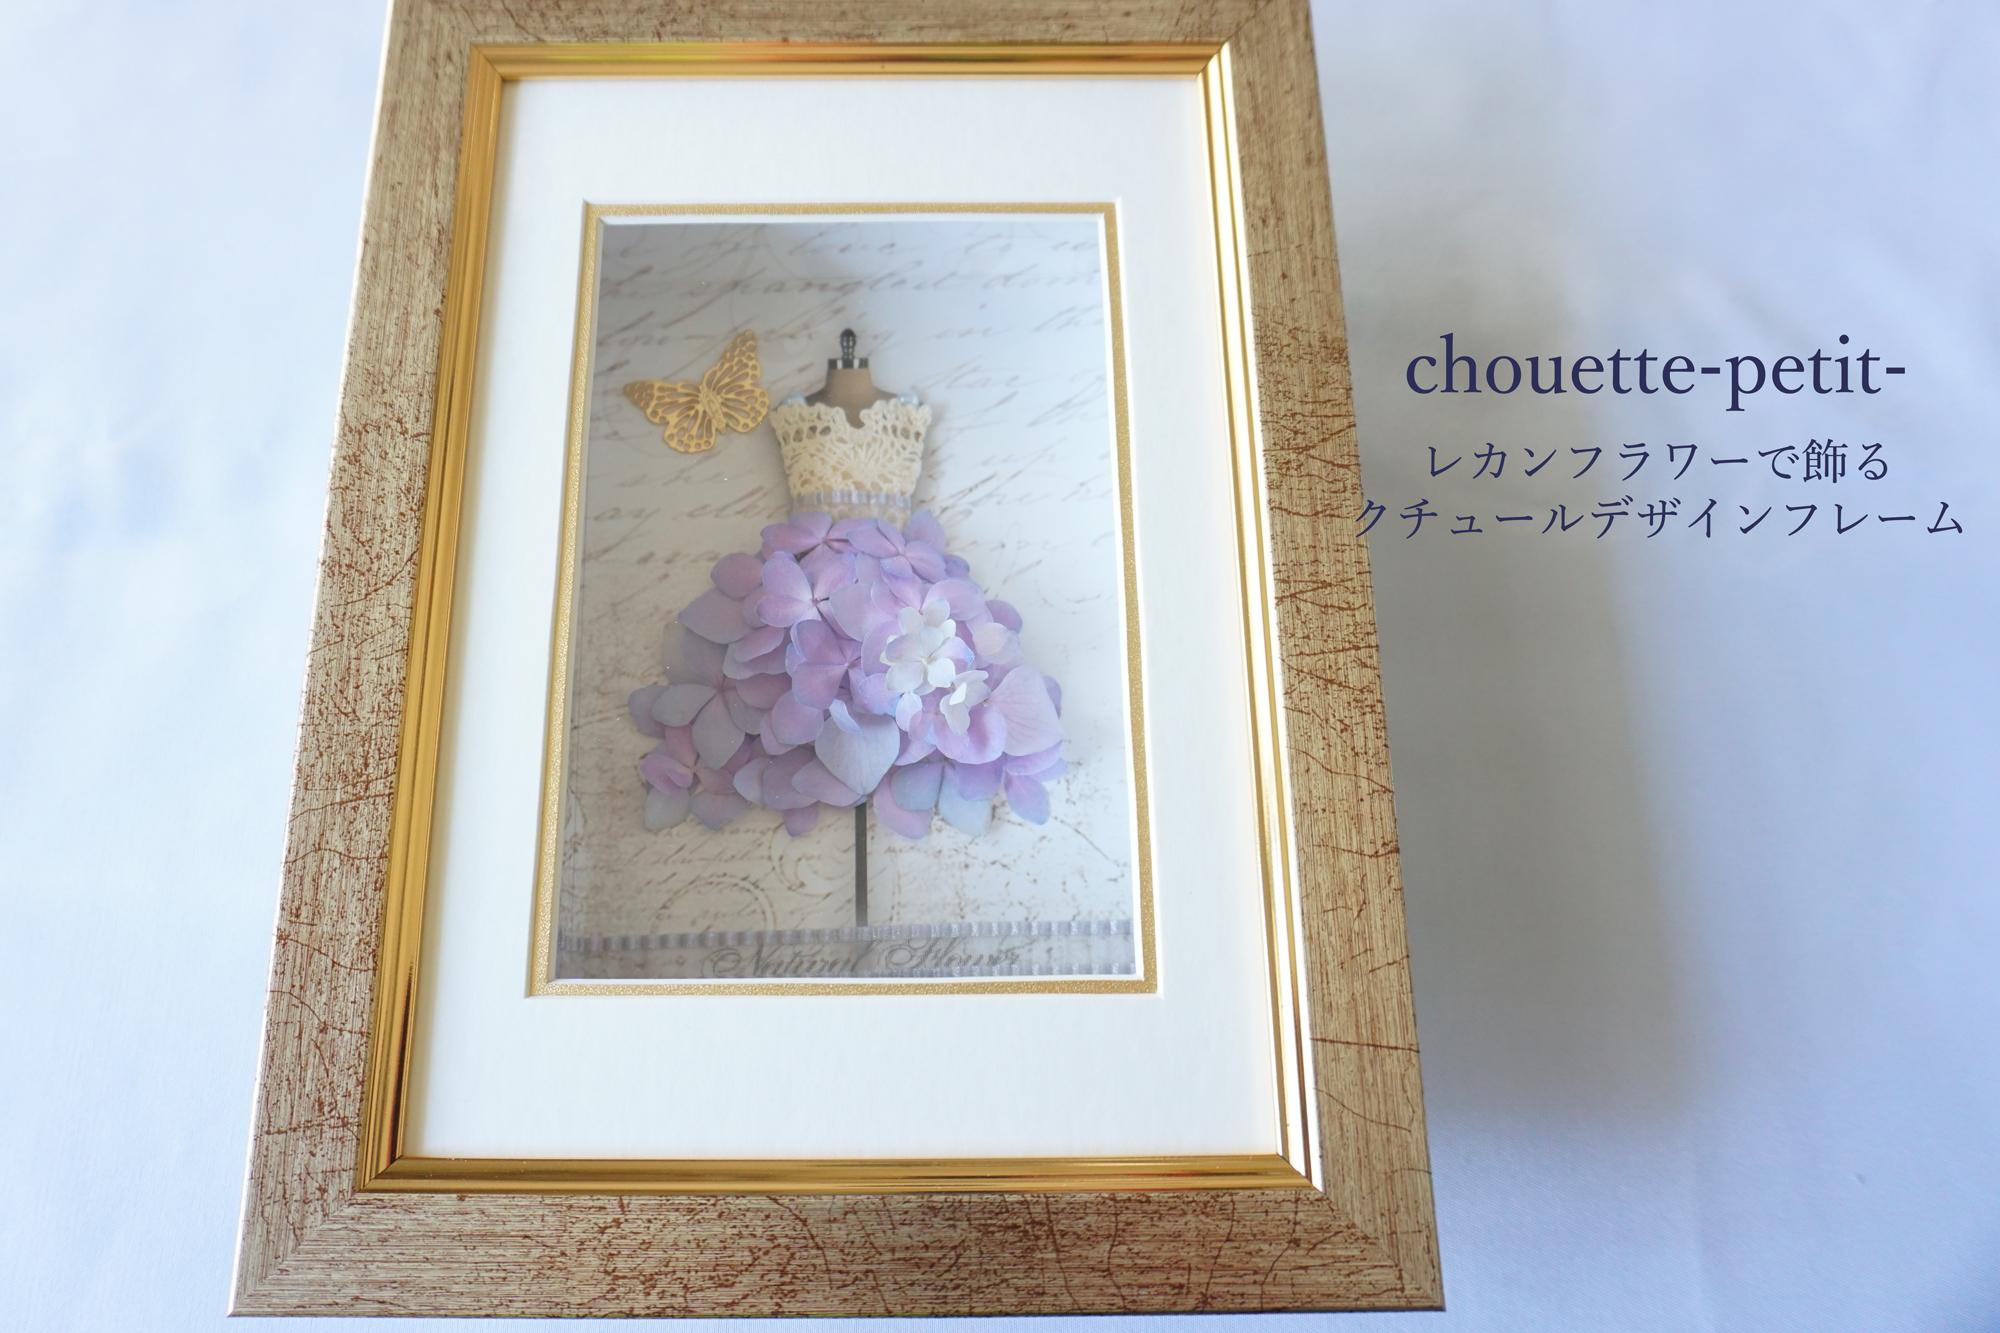 レカンフラワーで飾るクチュールデザインフレーム「chouette(シュエット)素敵!」